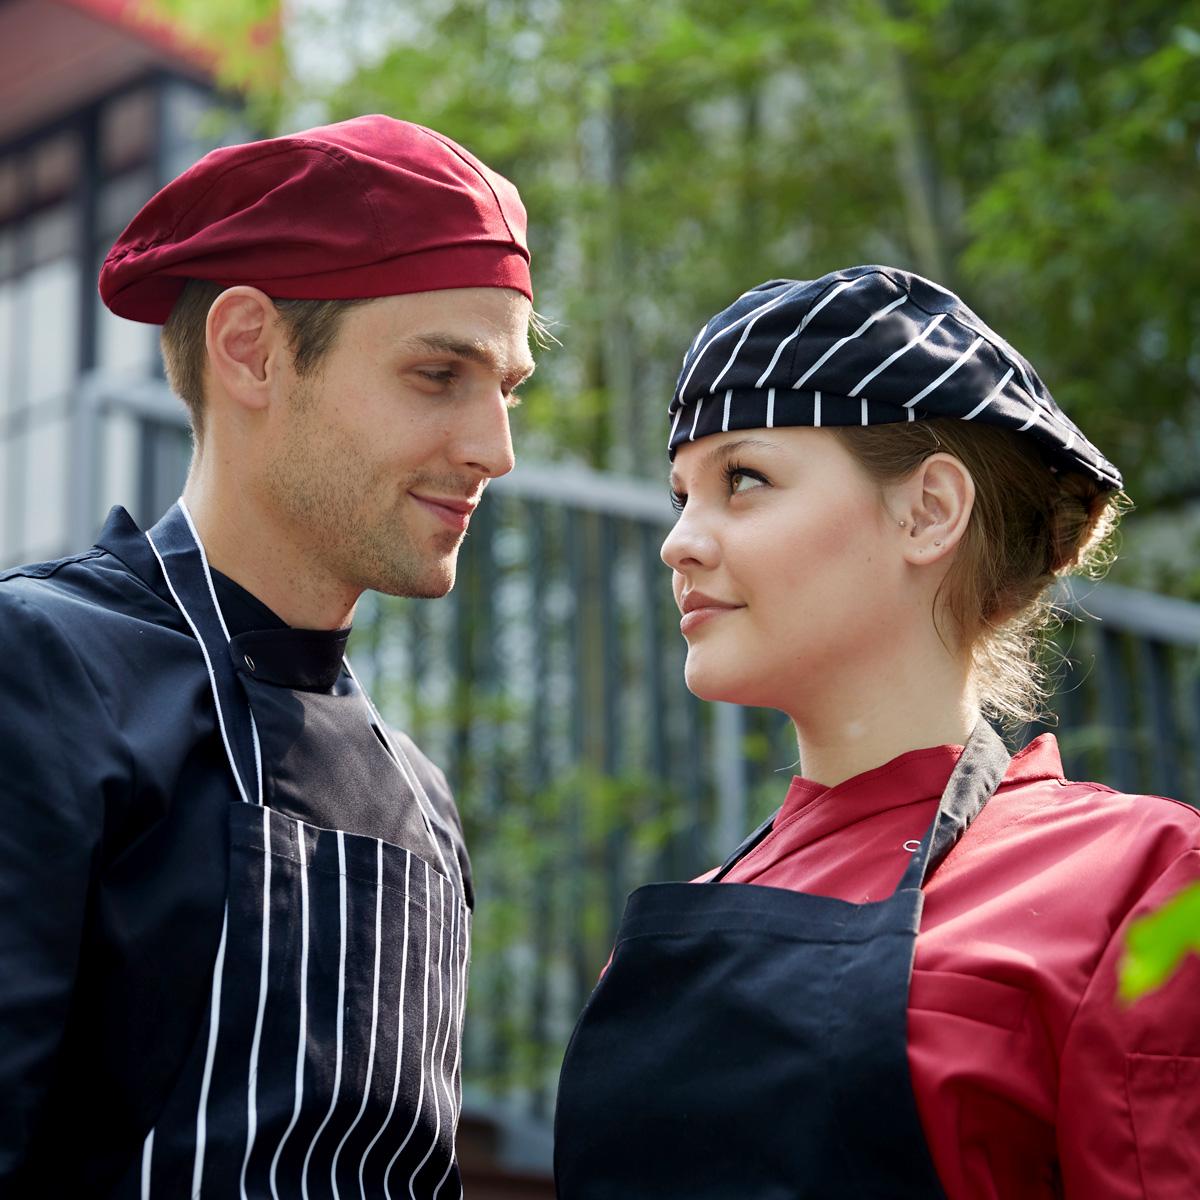 [해외]간단한 남자 레스토랑 요리사 모자 내구성 작업 커피 모자 레이프 빵집 요리사 모자 가족 요리사 모자/Simple man restaurant chef hat durable work coffee cap ray limpets bakery chef hat family